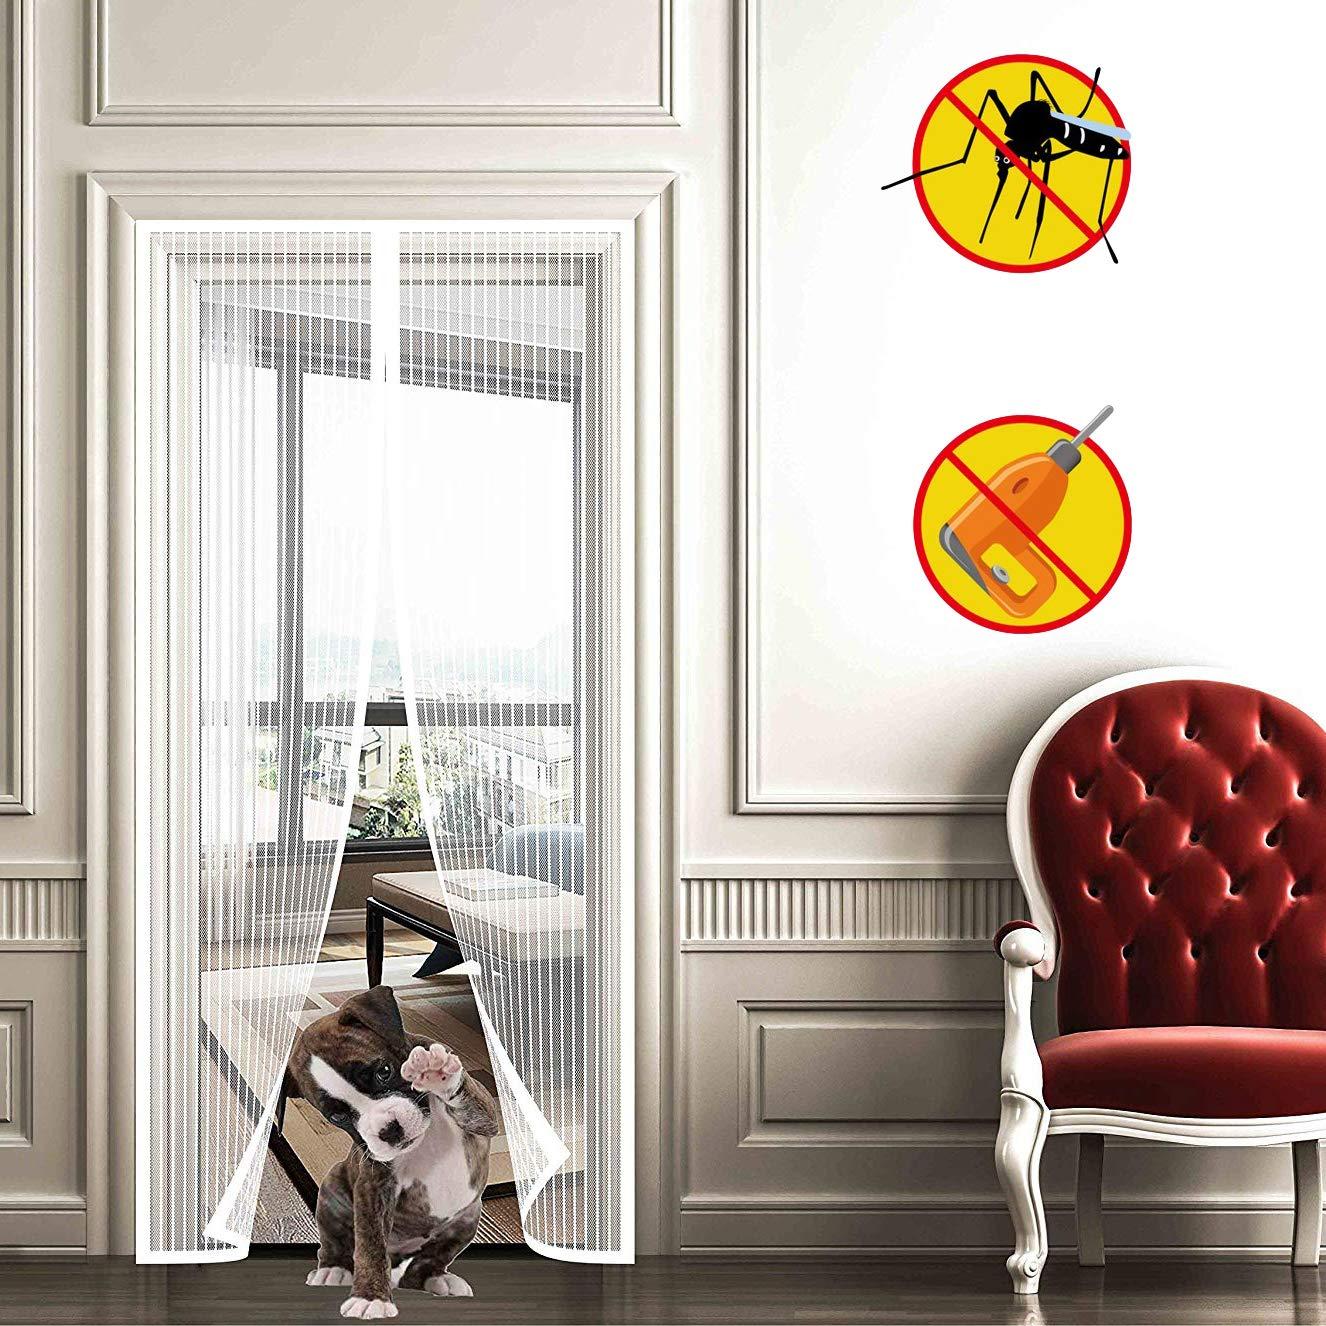 WISKEO Mosquitera Magnetica, Cierre MagnéTico Que, Mantiene Mosquitos Fuera, FáCil De Instalar Cortina Varios Tamaños, Puertas Correderas Balcones - Blanco 70x205cm: Amazon.es: Hogar